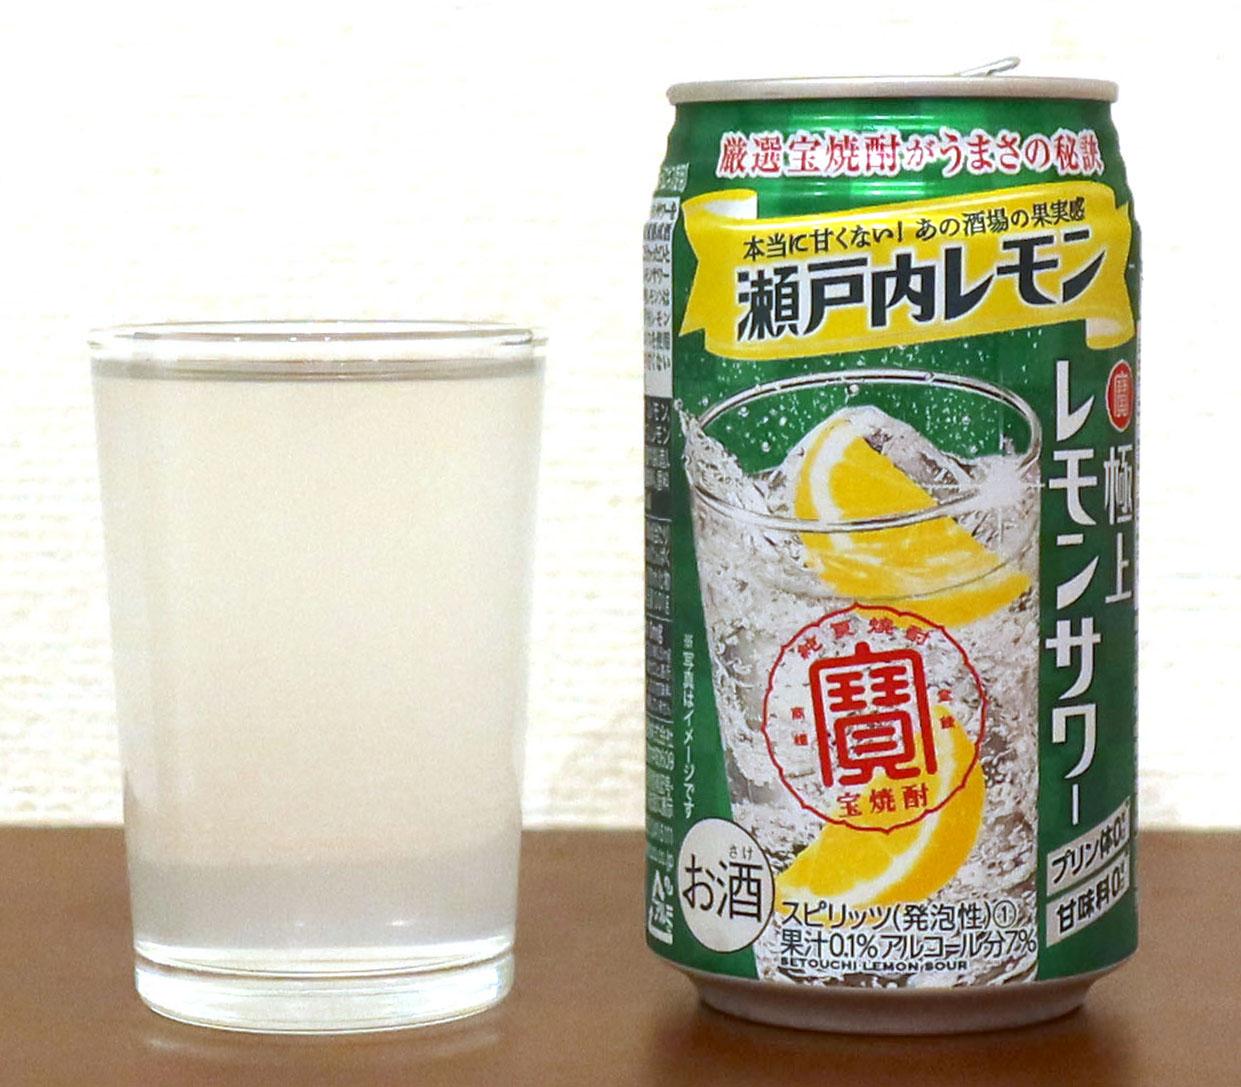 宝酒造 極上レモンサワー 瀬戸内レモン